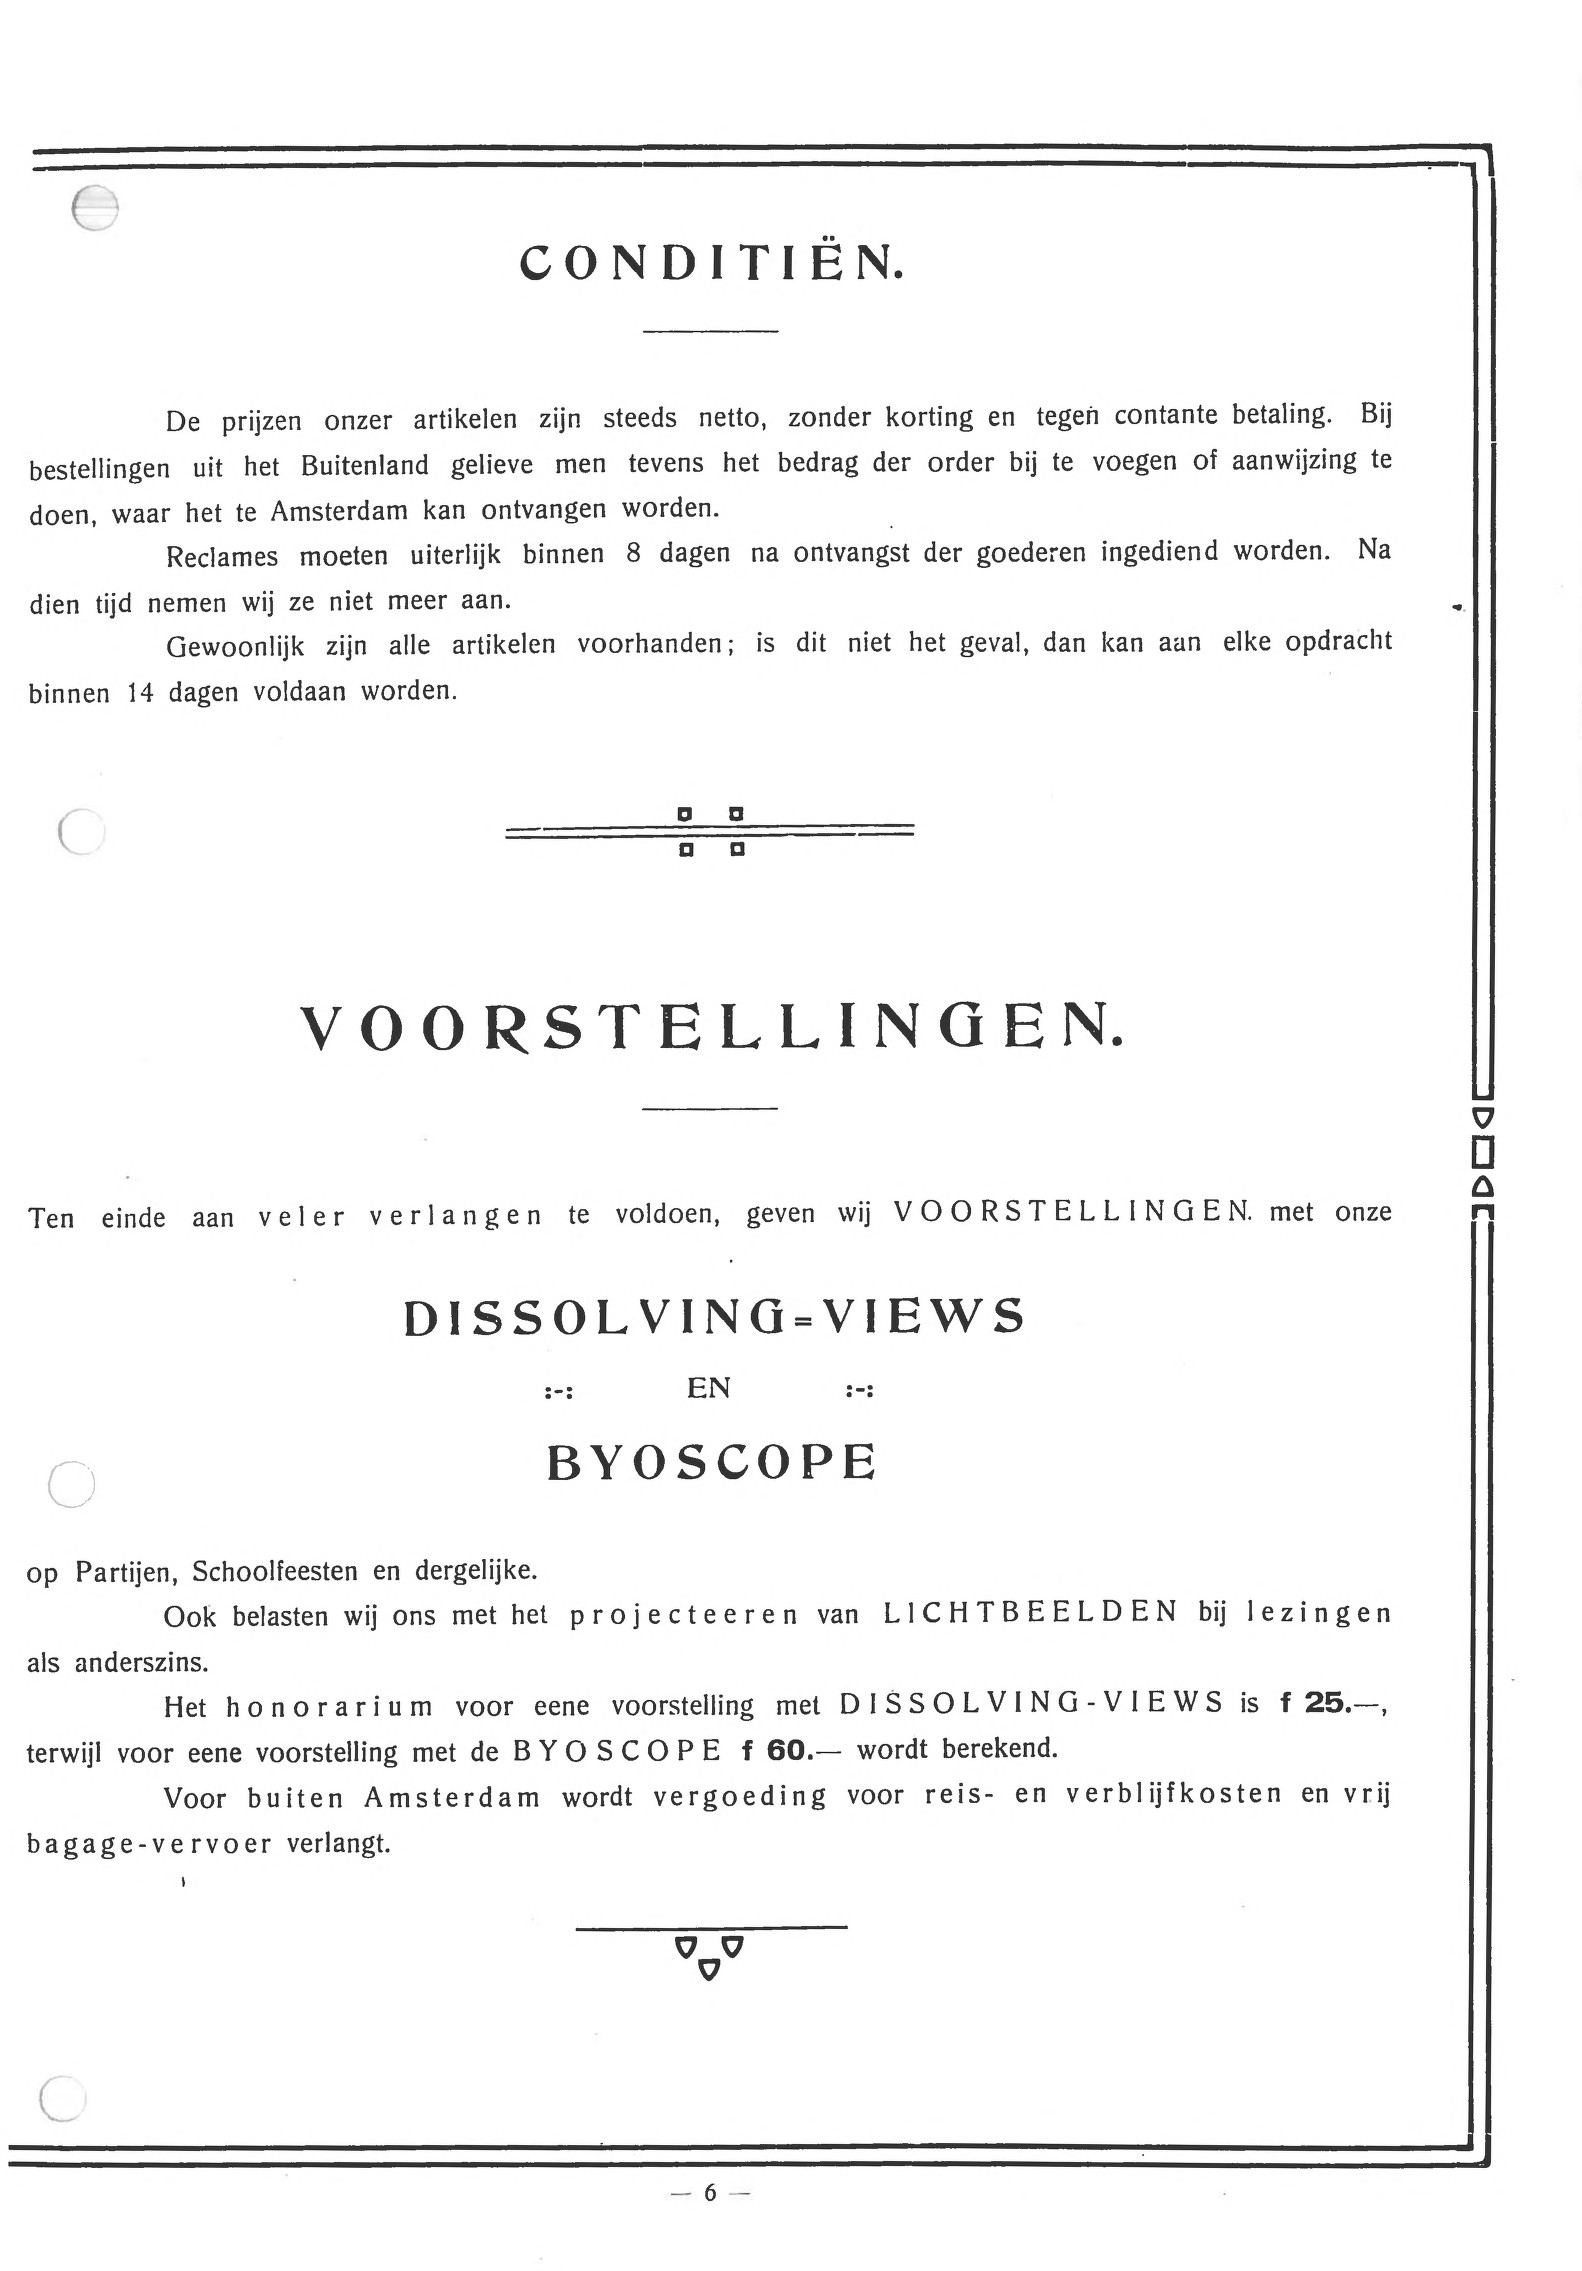 Merkelbach_prijscourant_1909_jp2.zip&file=merkelbach_prijscourant_1909_jp2%2fmerkelbach_prijscourant_1909_0007